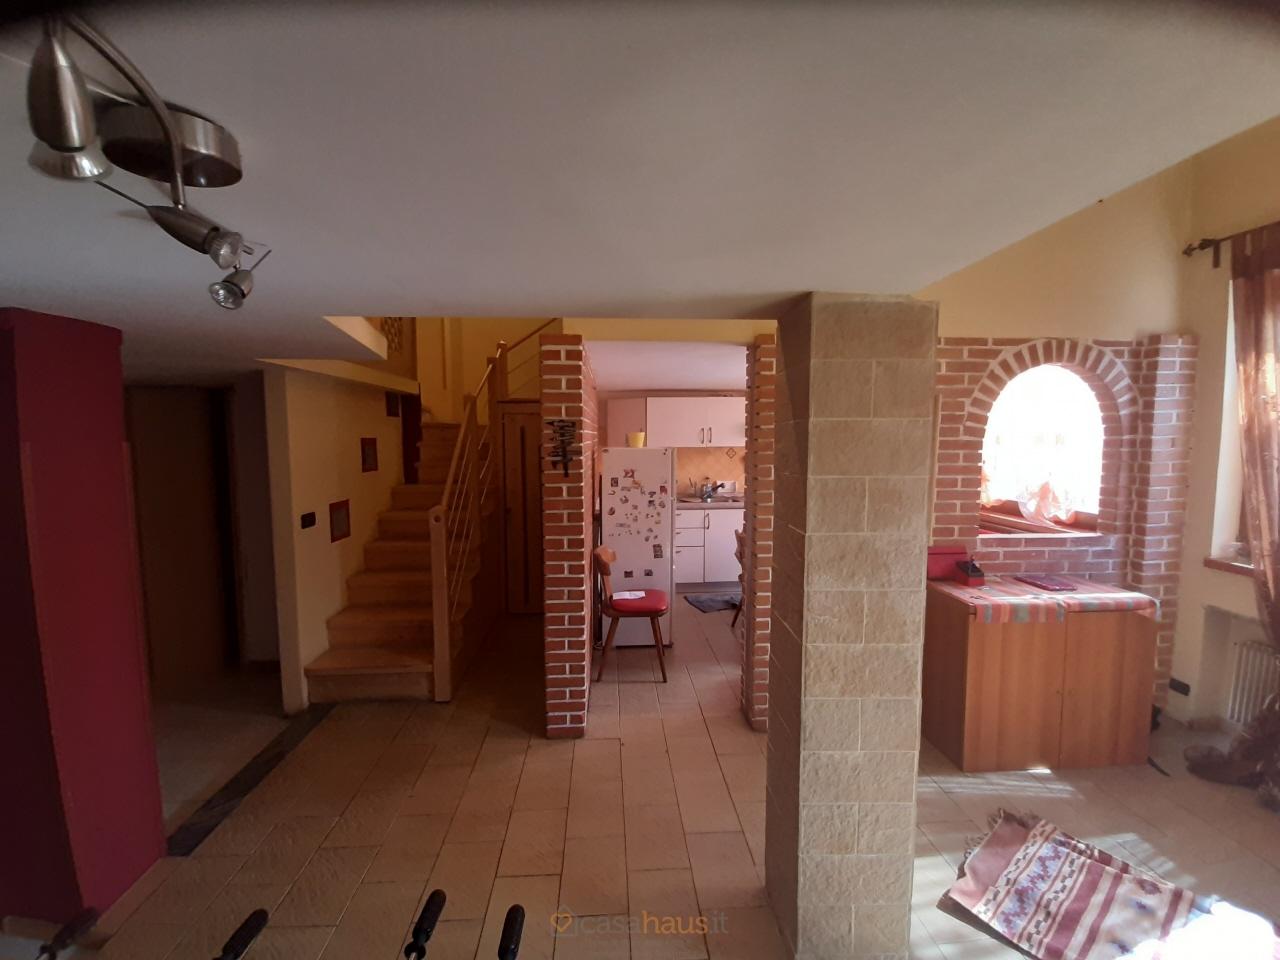 Appartamento in vendita a Brennero, 2 locali, prezzo € 138.000 | CambioCasa.it